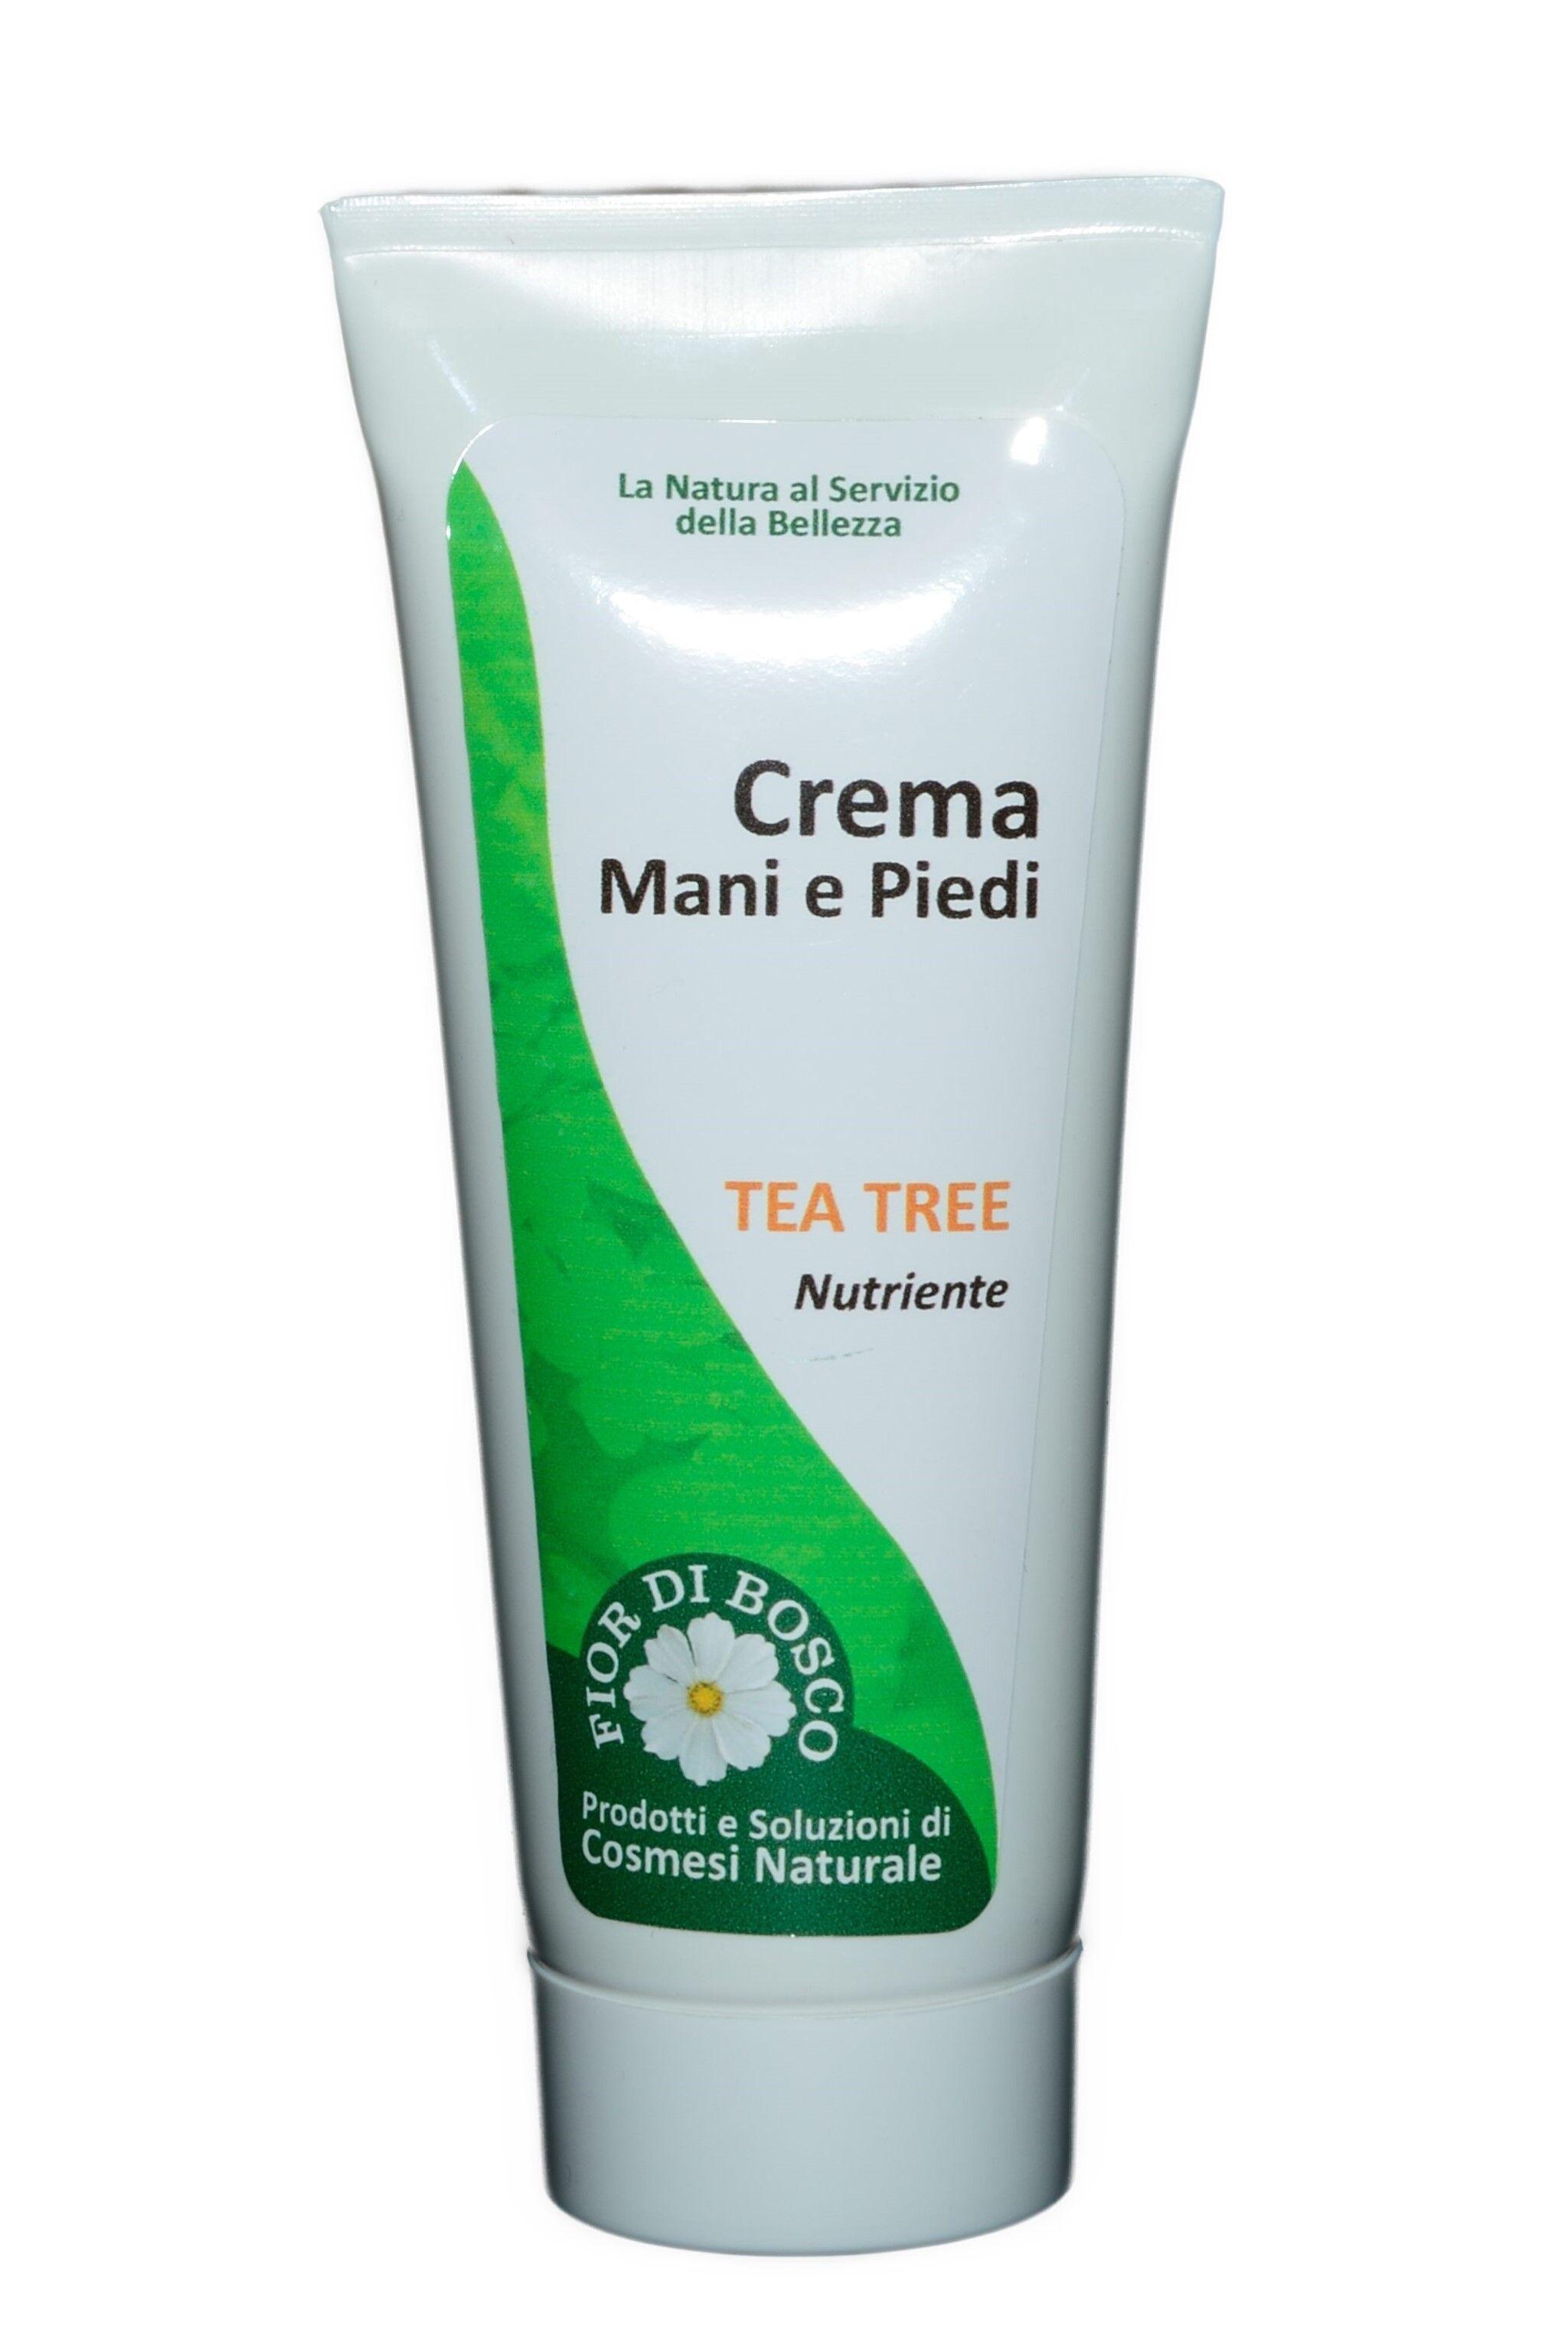 Centisia Crema mani e piedi al tea tree 100ml